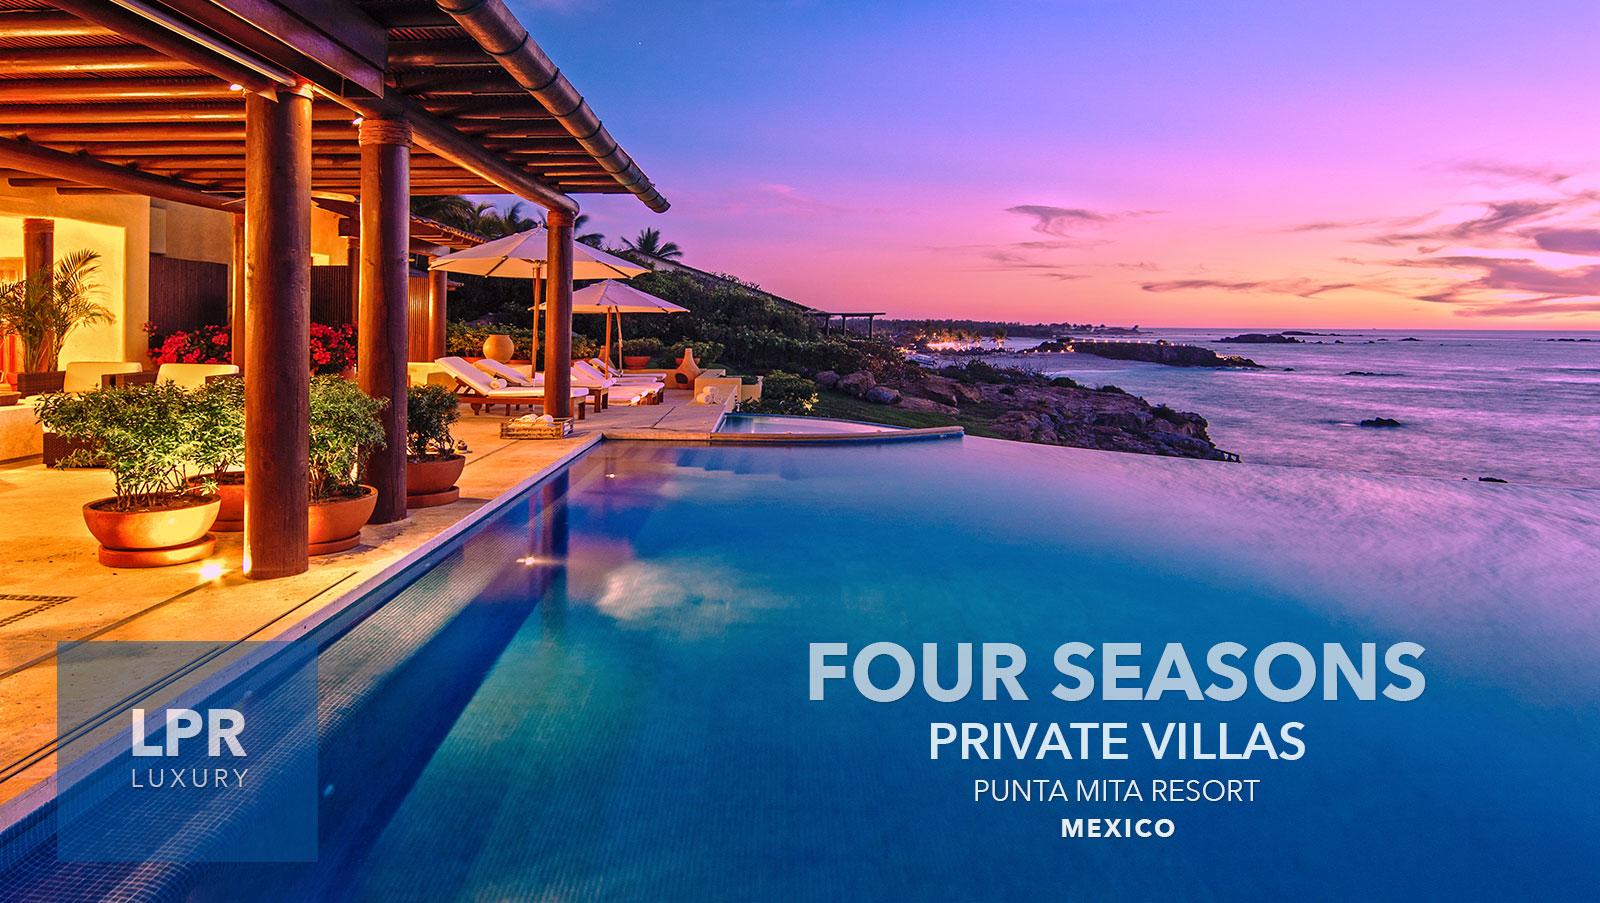 Four Seasons Private Villas at the Punta Mita Resort, Riviera Nayarit, Mexico